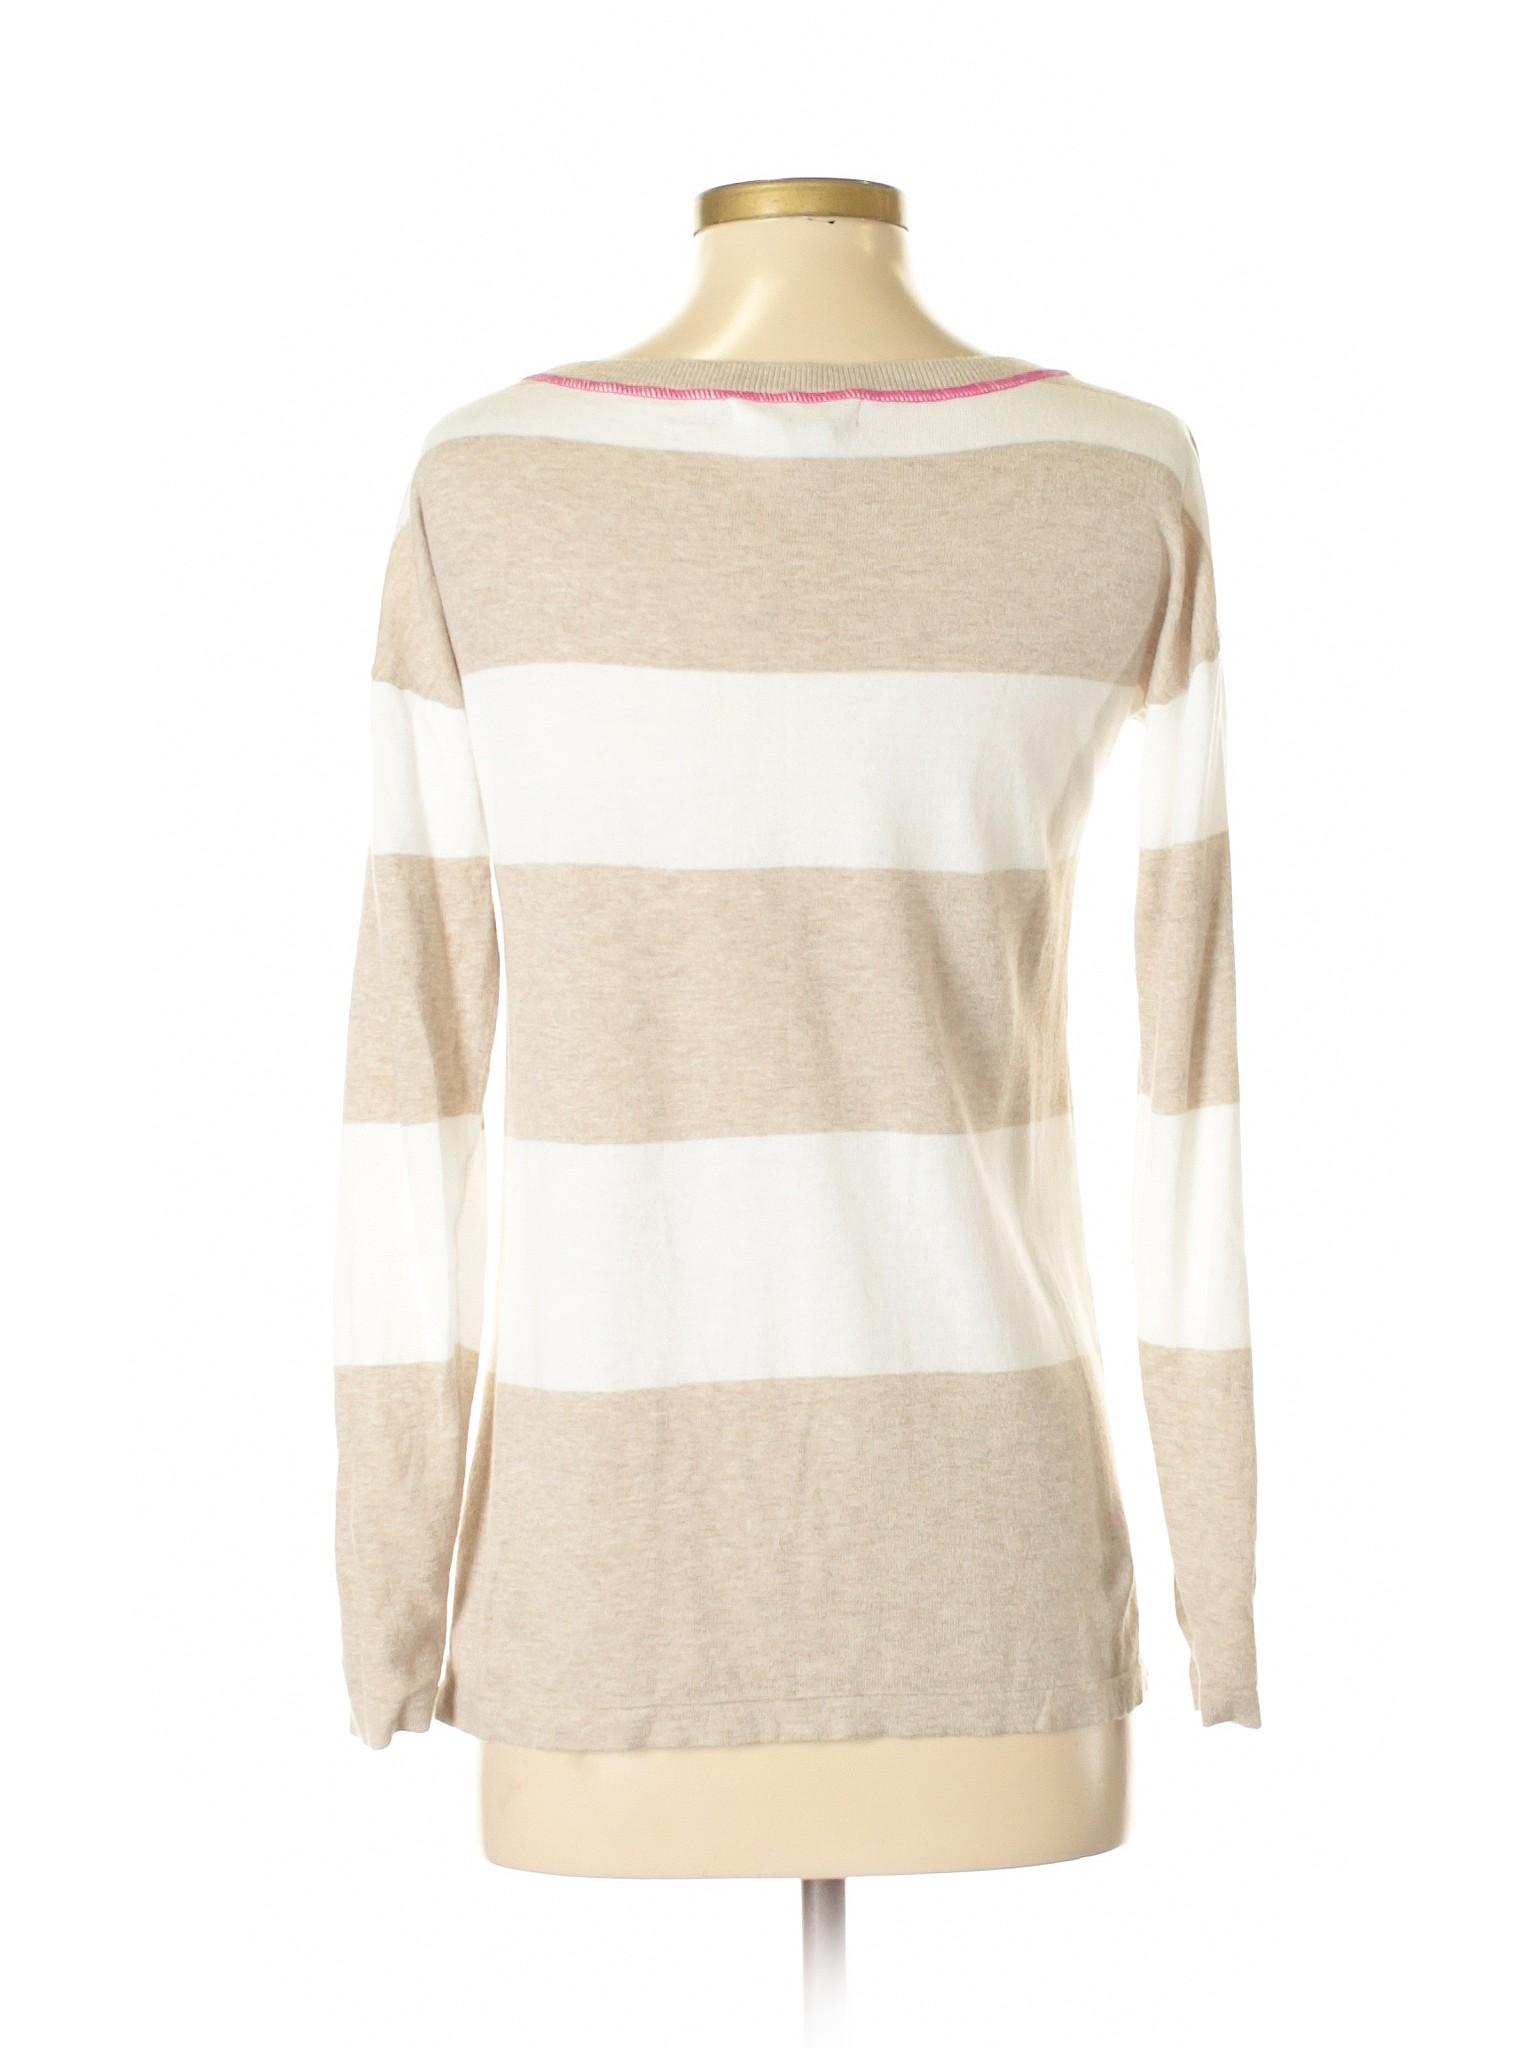 Boutique winter Republic Banana Pullover Sweater P6pfqT